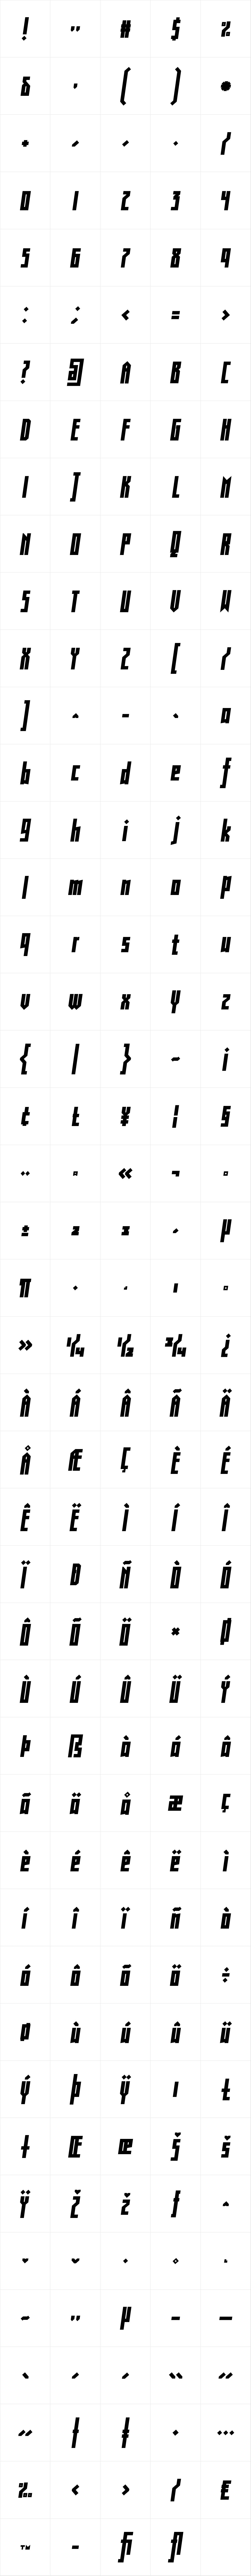 Muzarela Semi condensed Black Italic